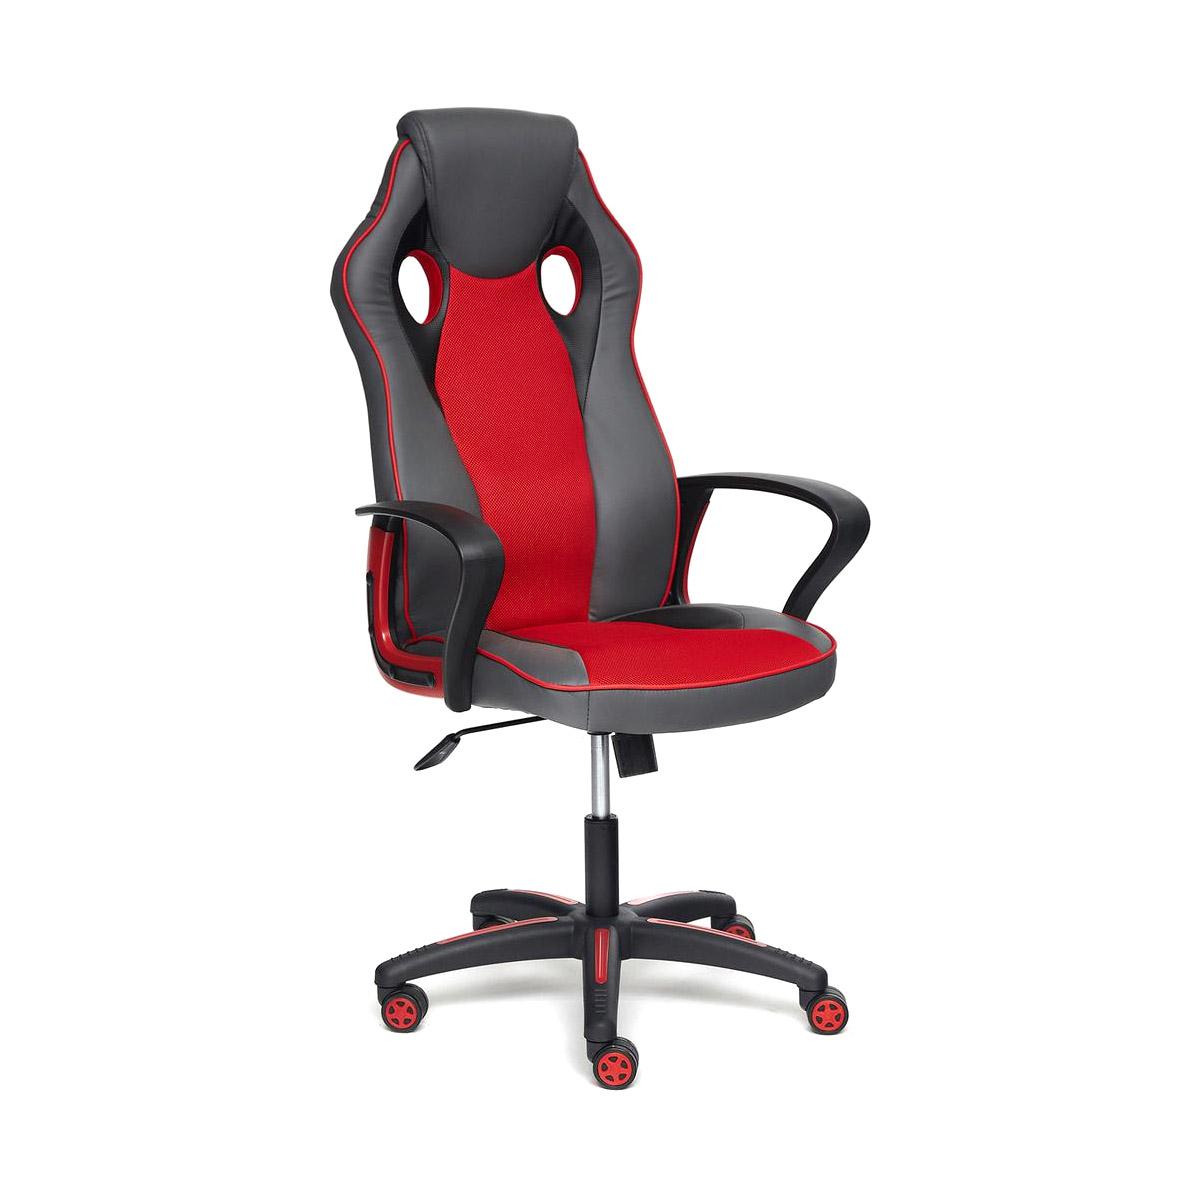 Кресло компьютерное TC металлик/красный 134х67х47 см кресло компьютерное tc черное 95 5х59х57 см